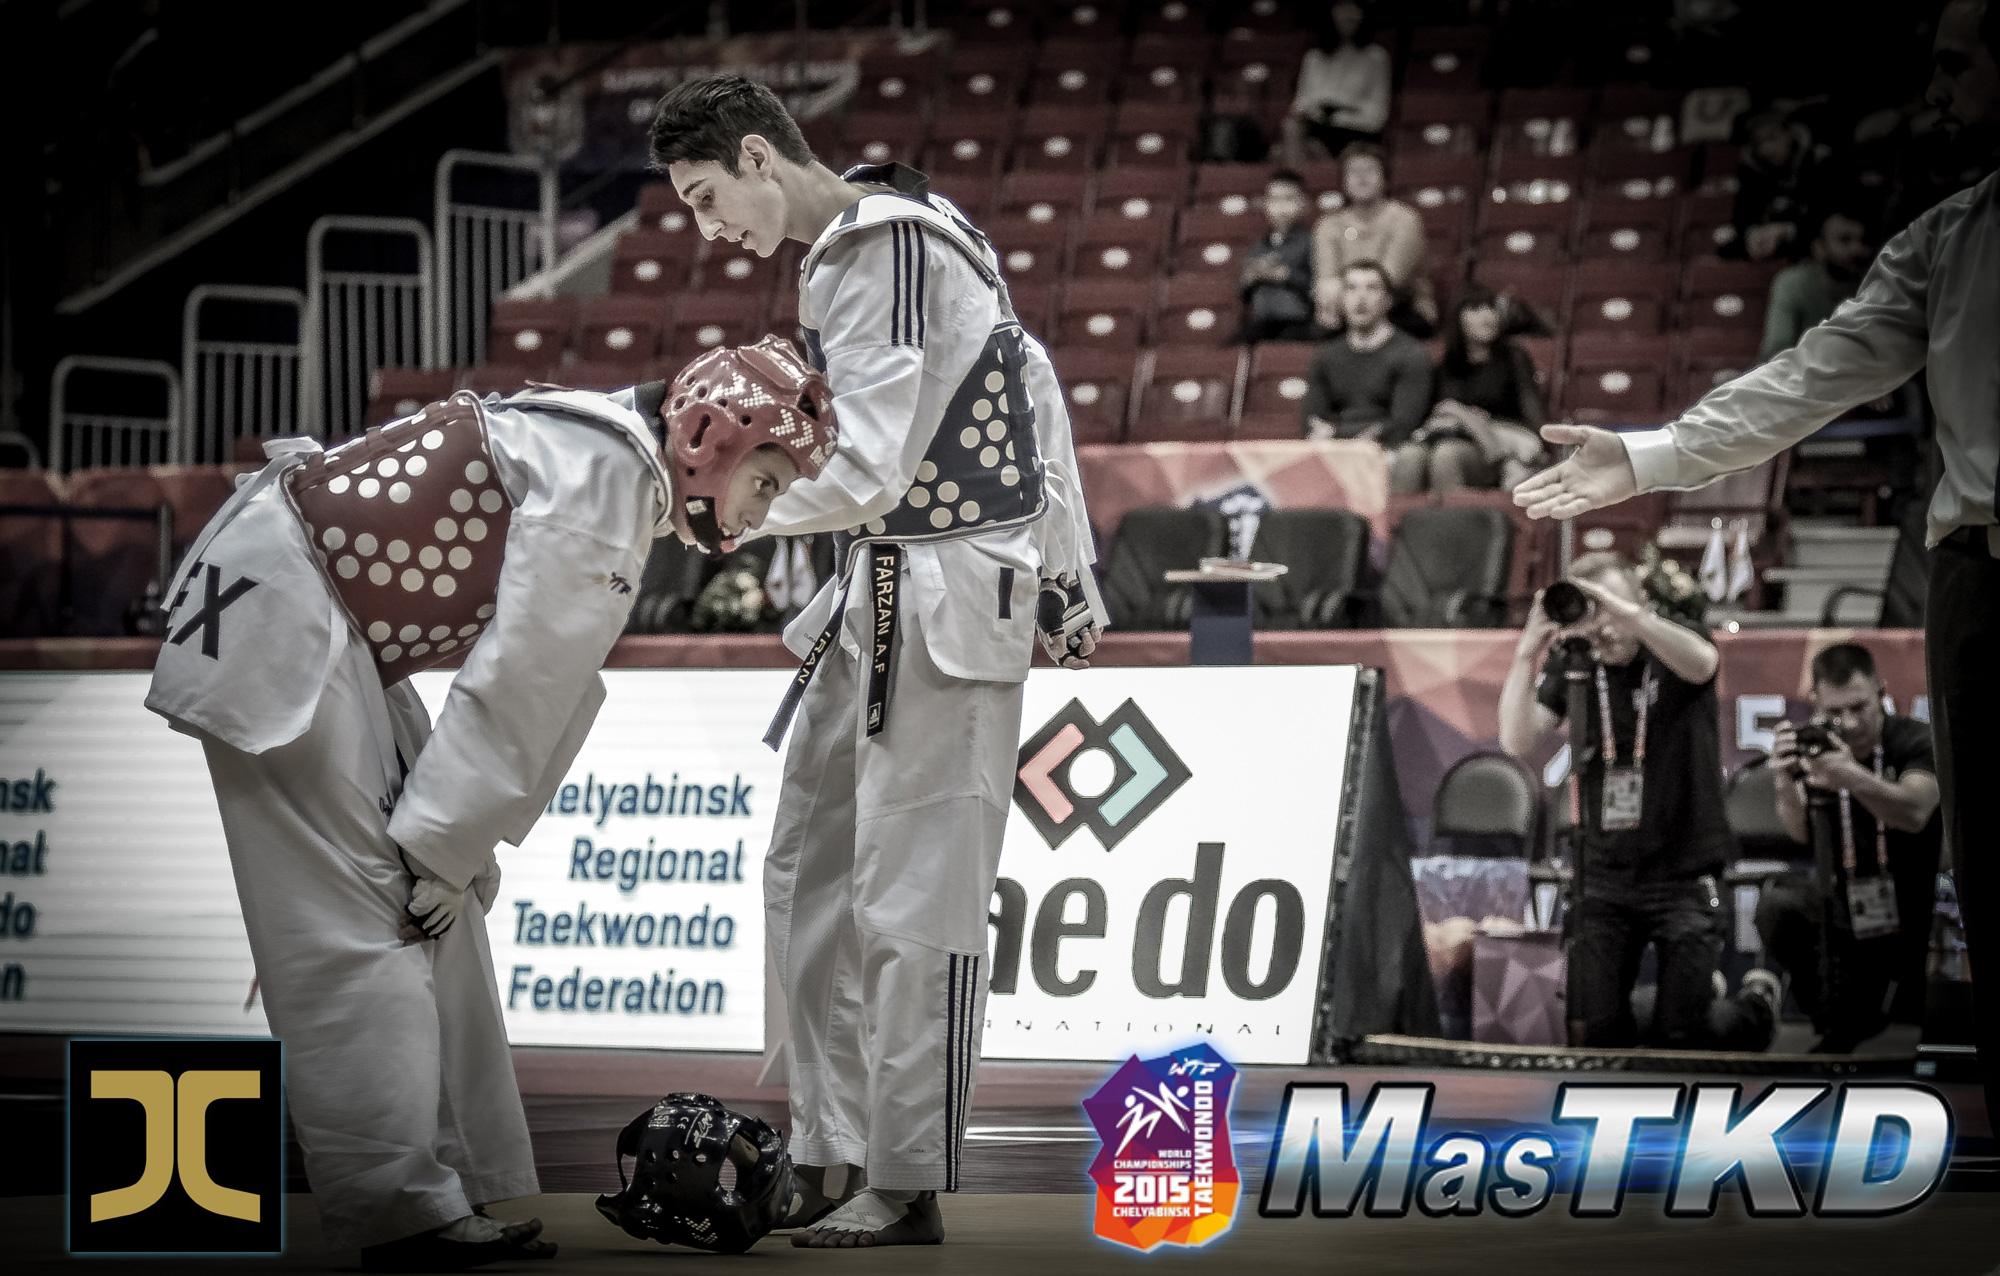 08_20150512_Taekwondo-Mundial_JC-Seleccion_D1